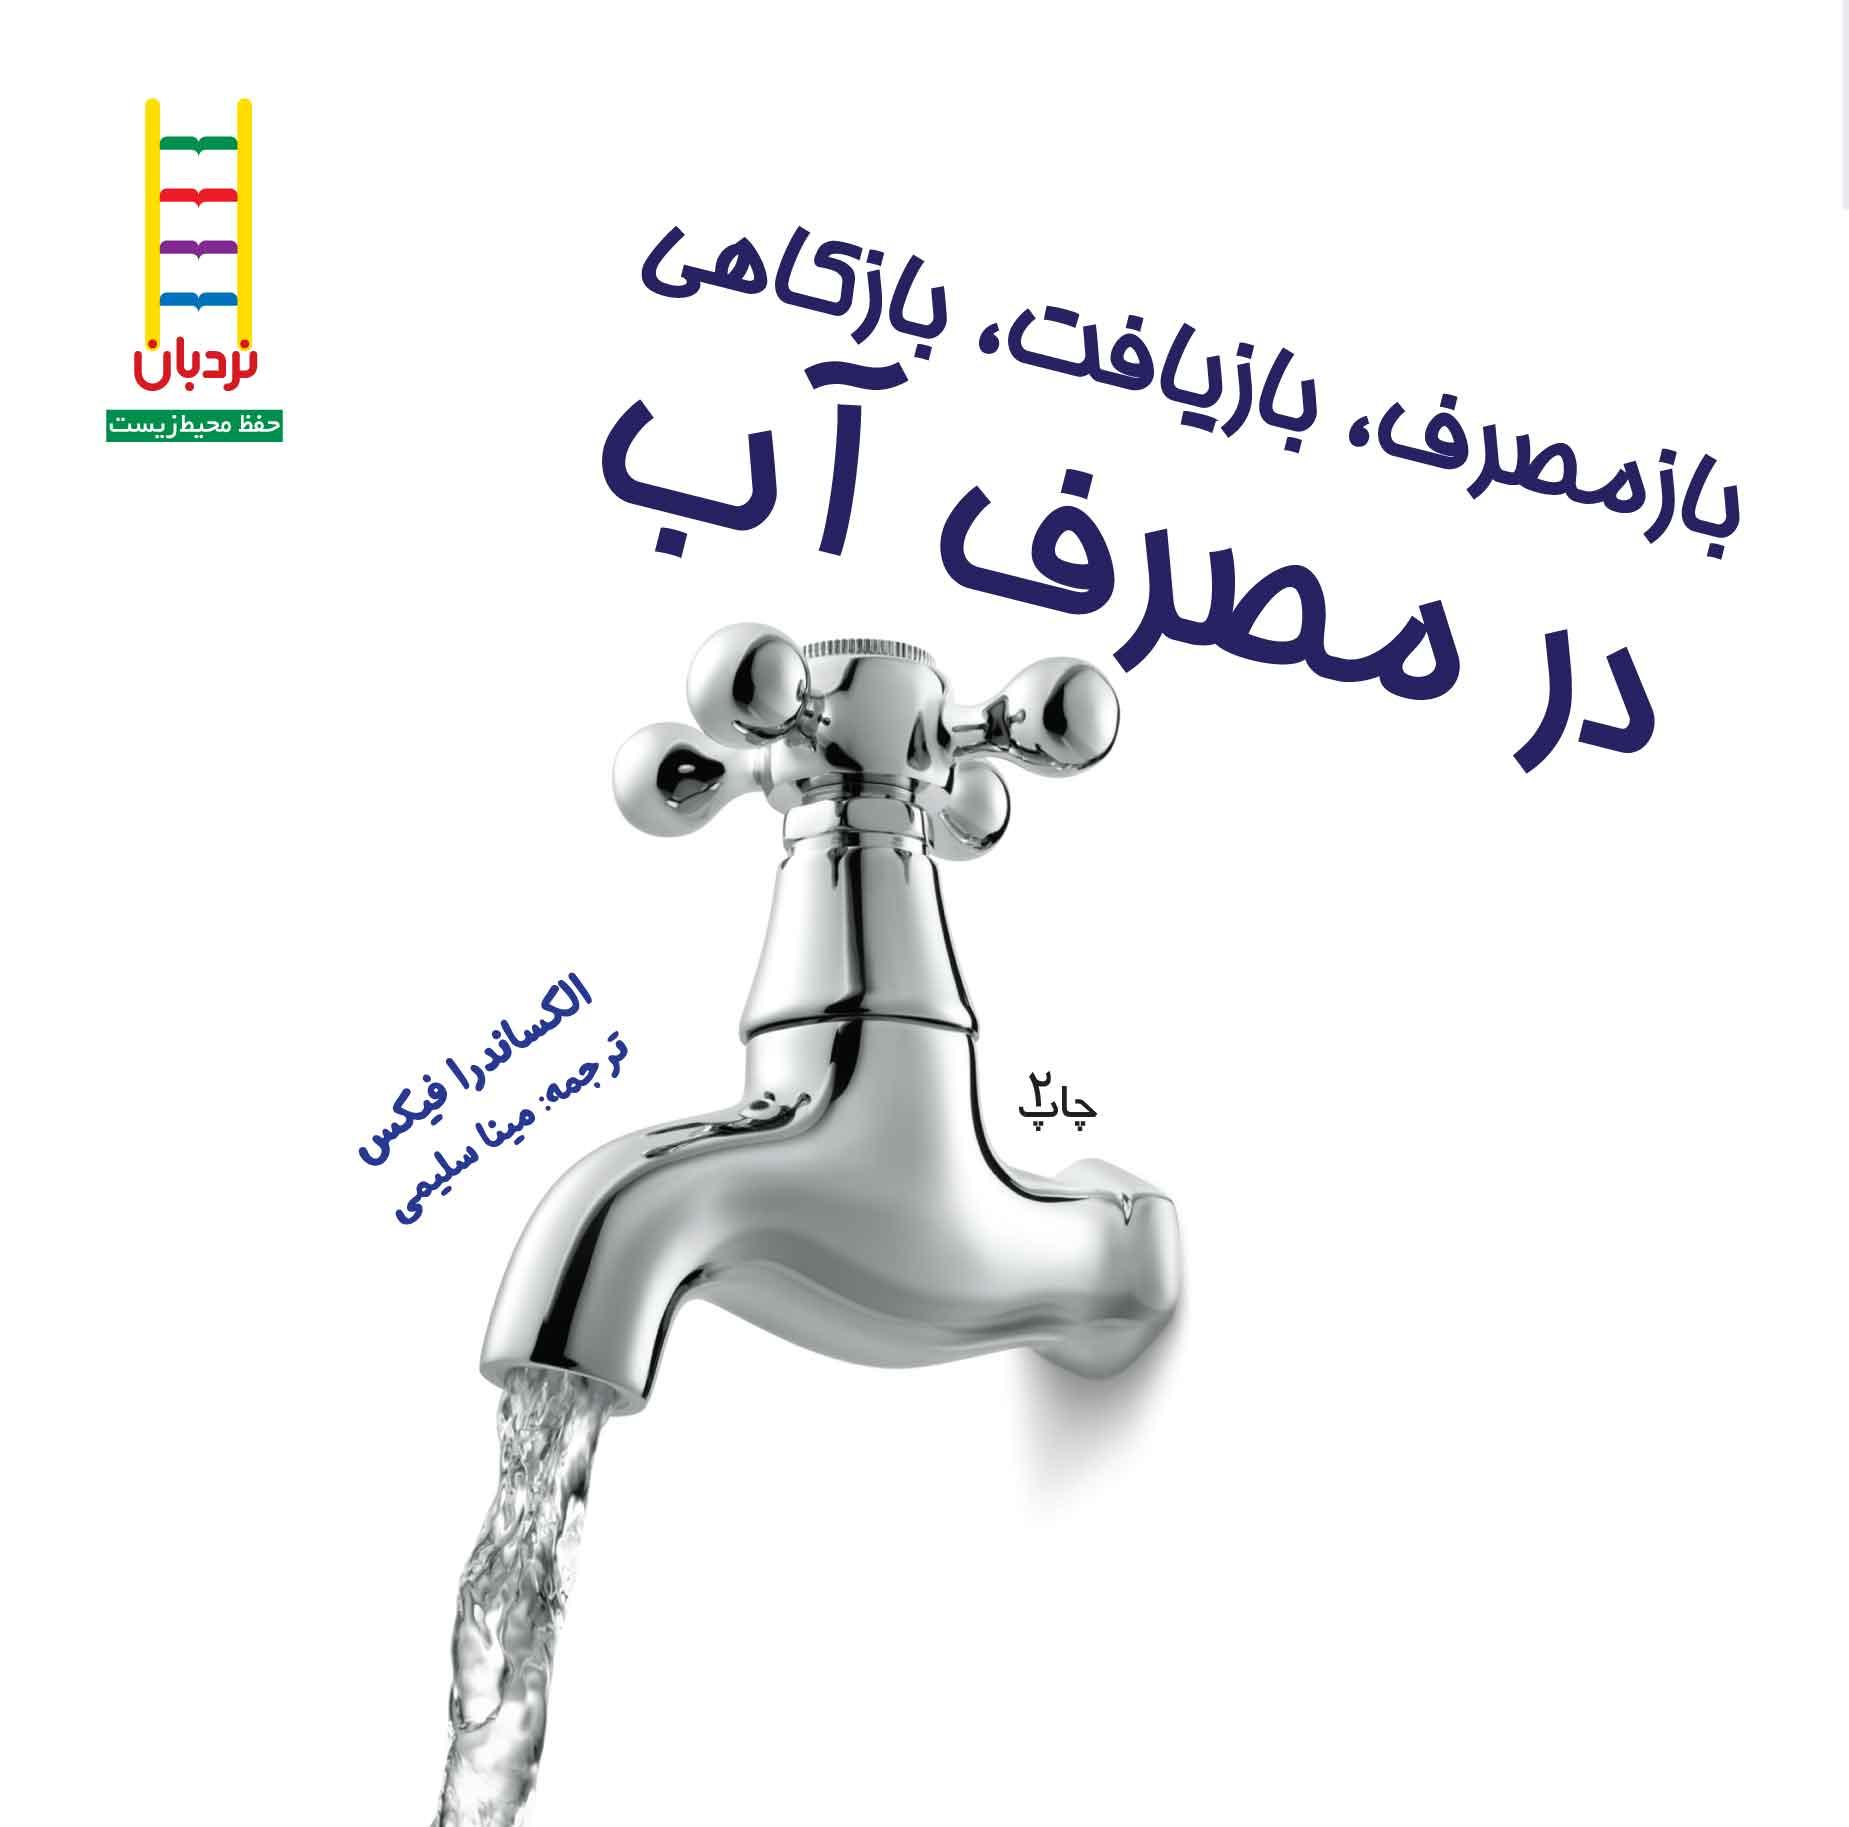 حامیان آب - کتاب در مصرف آب